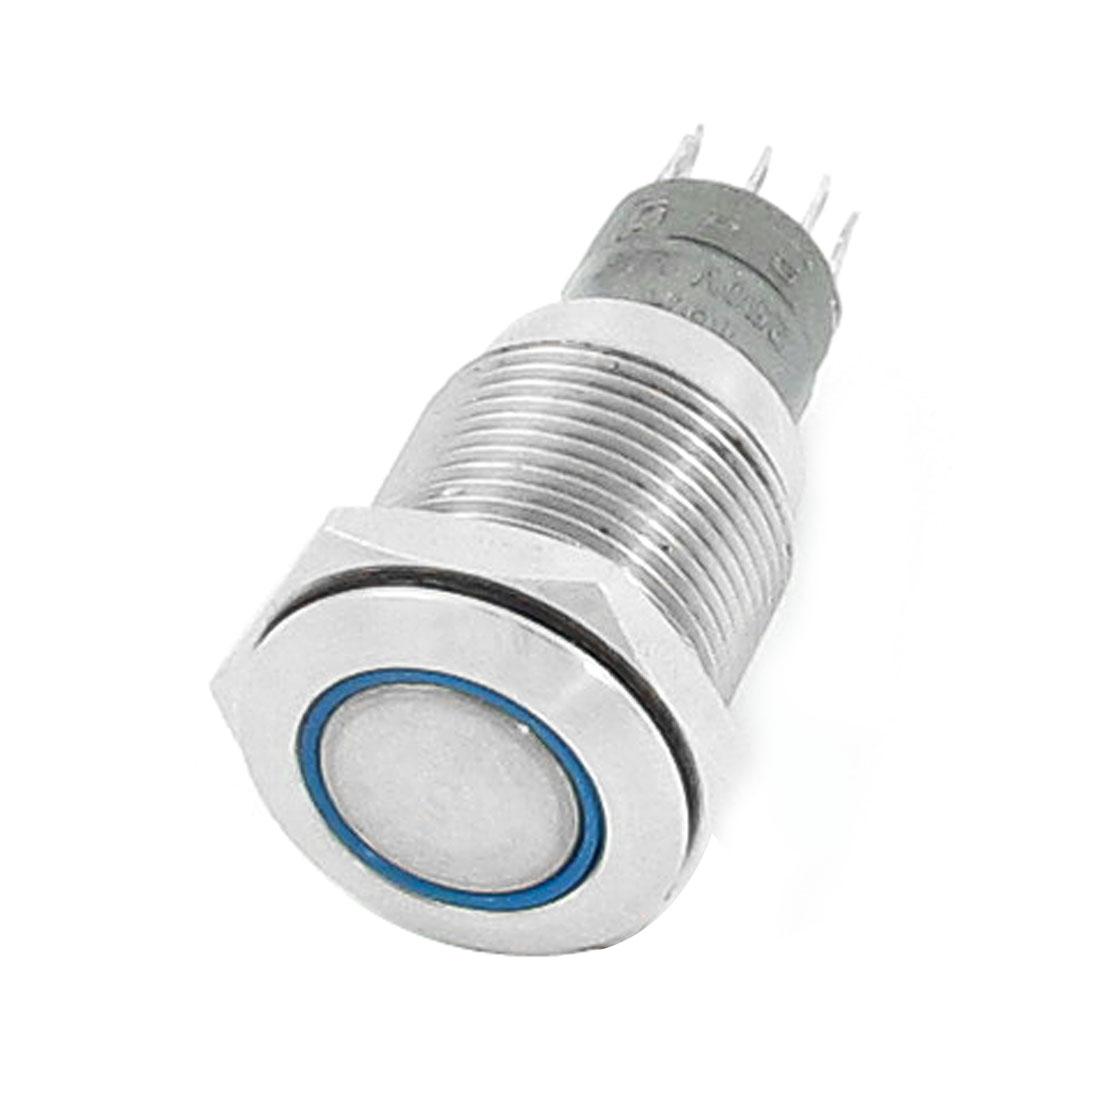 """DC 24V Blue LED Light 3/8"""" PT Male Thread SPDT Momentary Push Button Switch"""